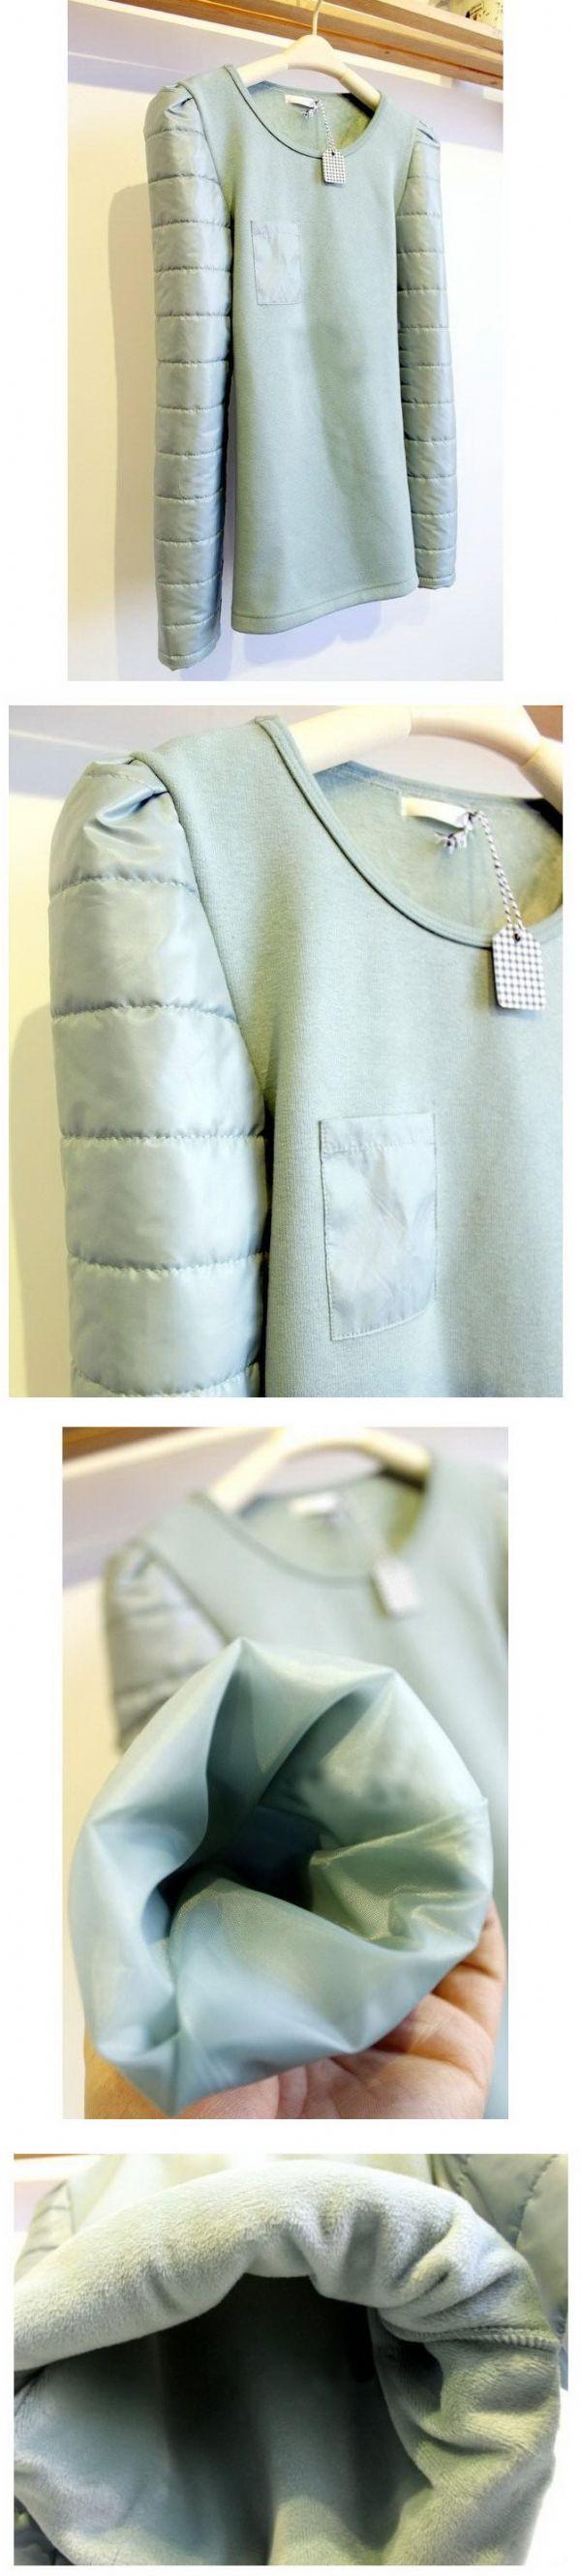 เสื้อผ้าแฟชั่น : สเวตเตอร์บุผ้าขนสัตว์หนาพิเศษแขนบุกันหนาว